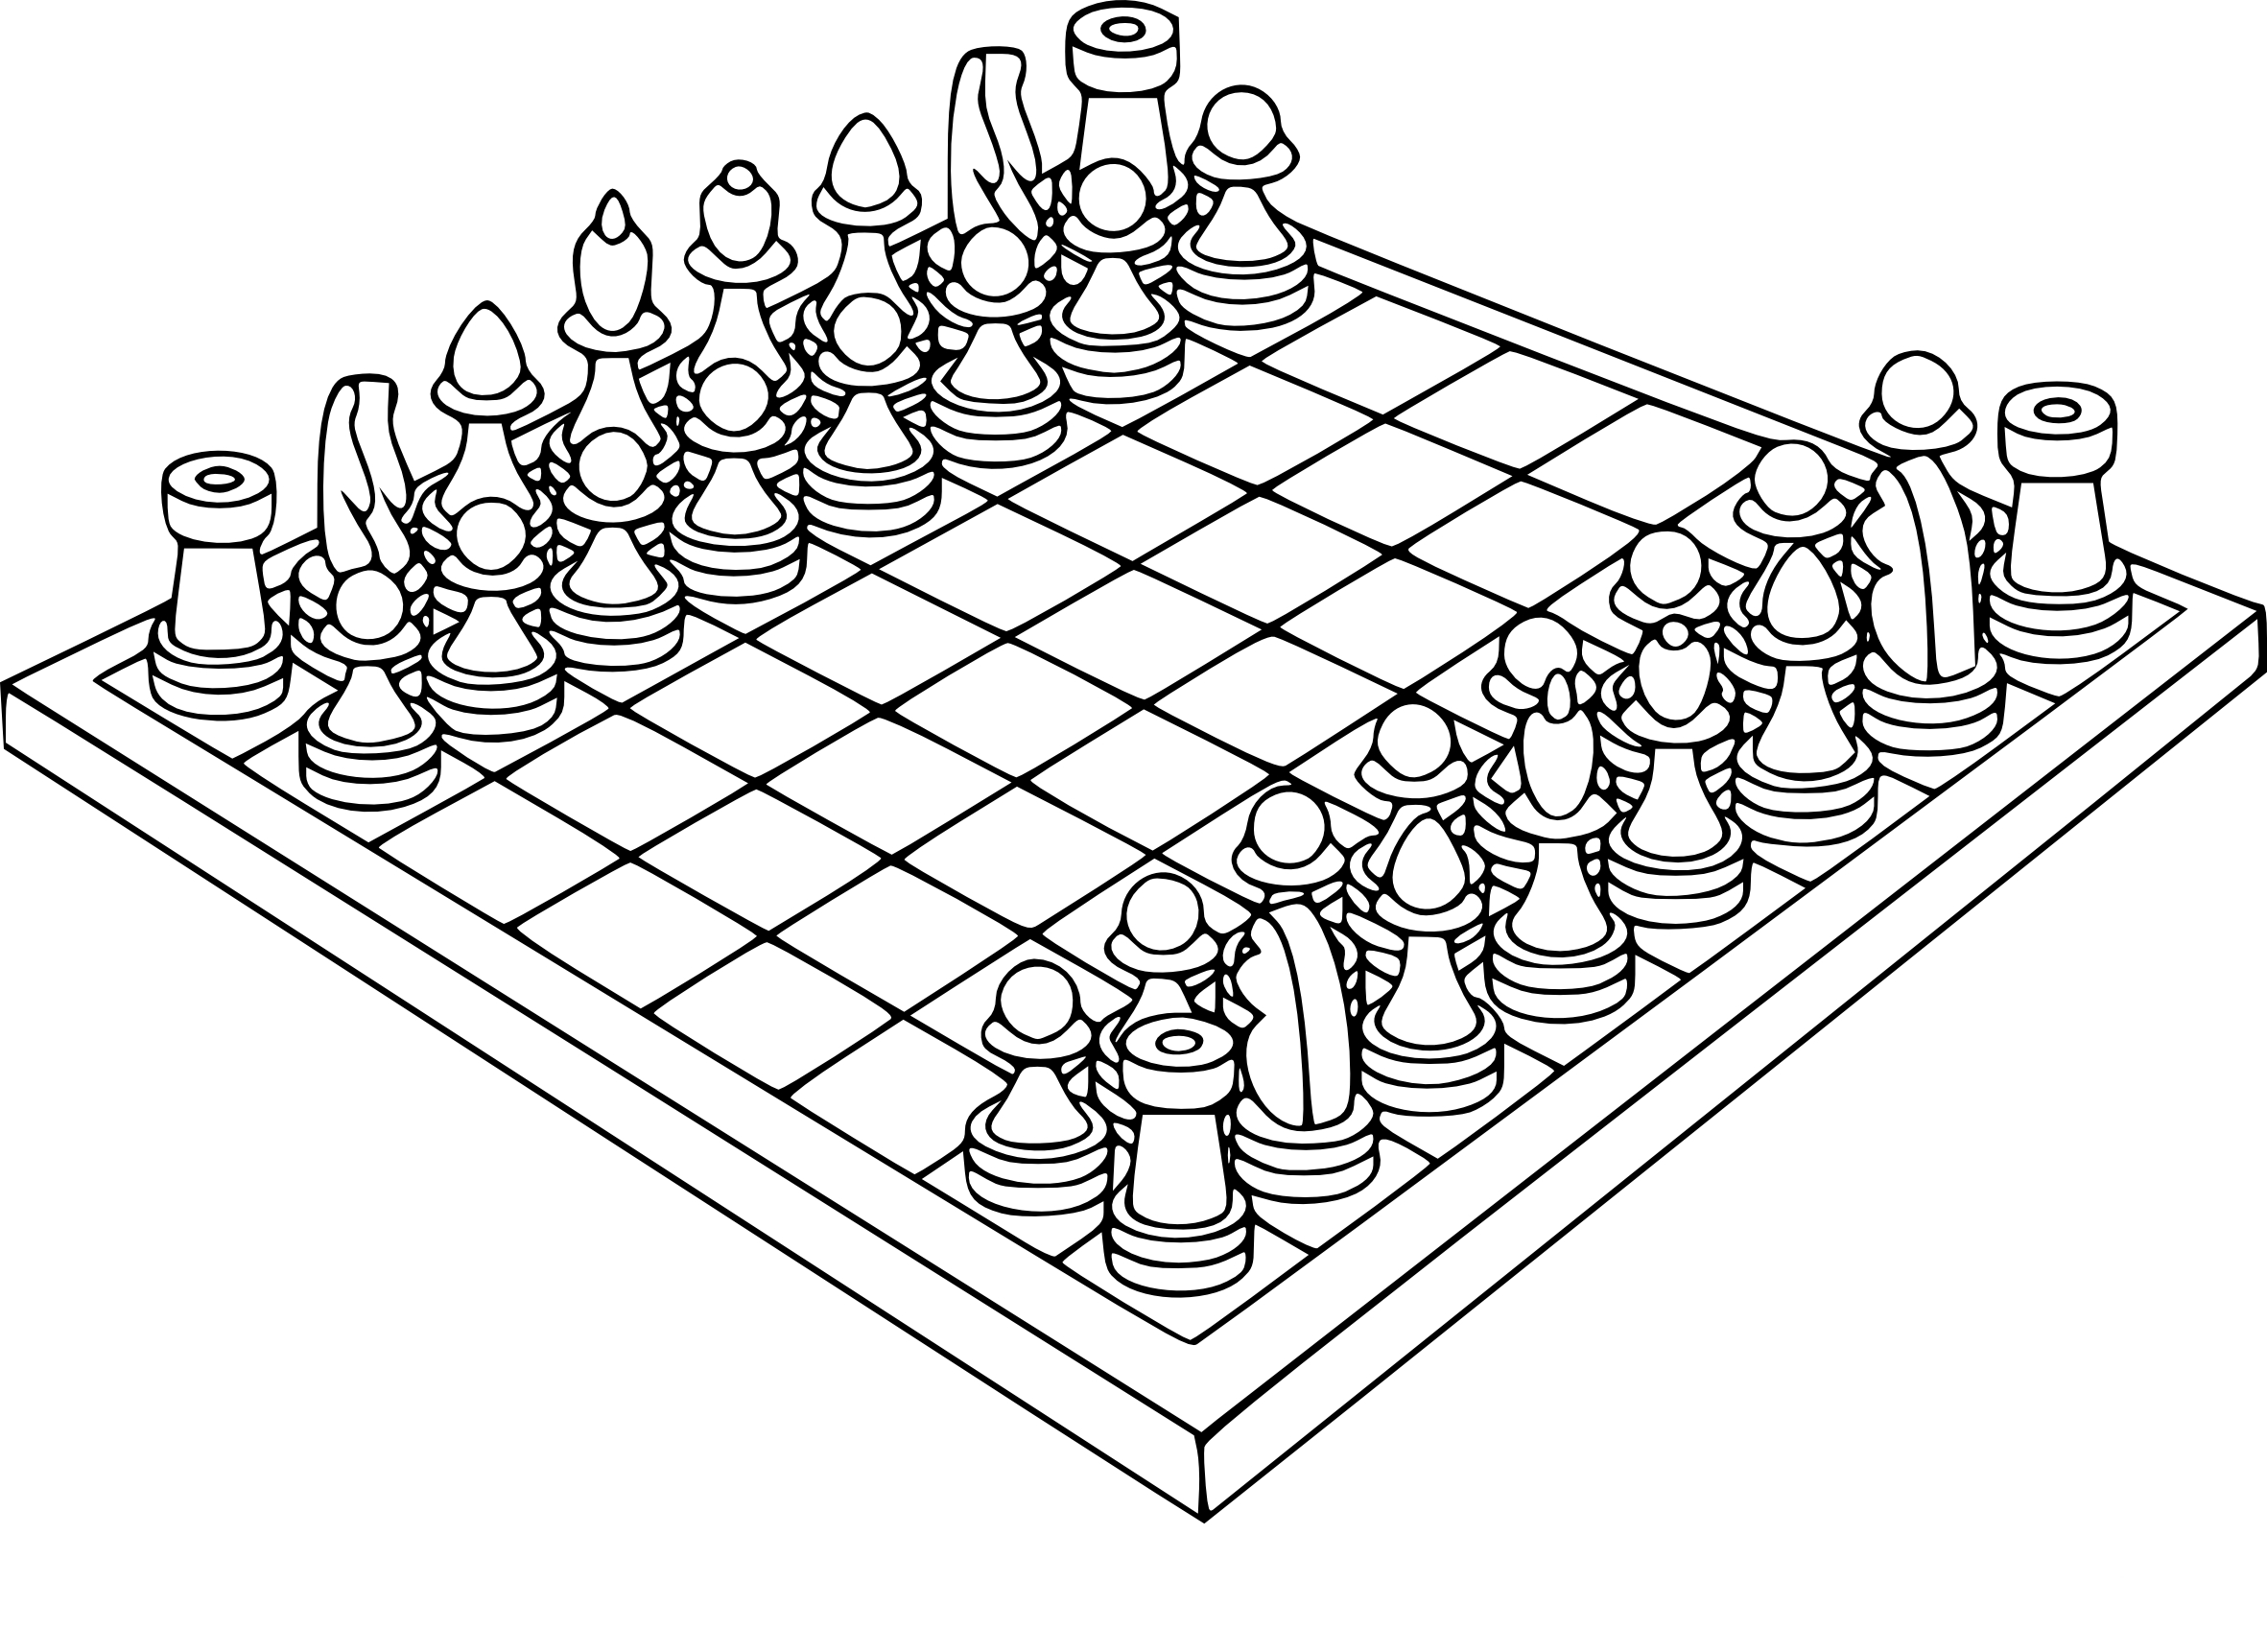 Coloriage jeu d checs imprimer - Jeux gratuit de dessin ...